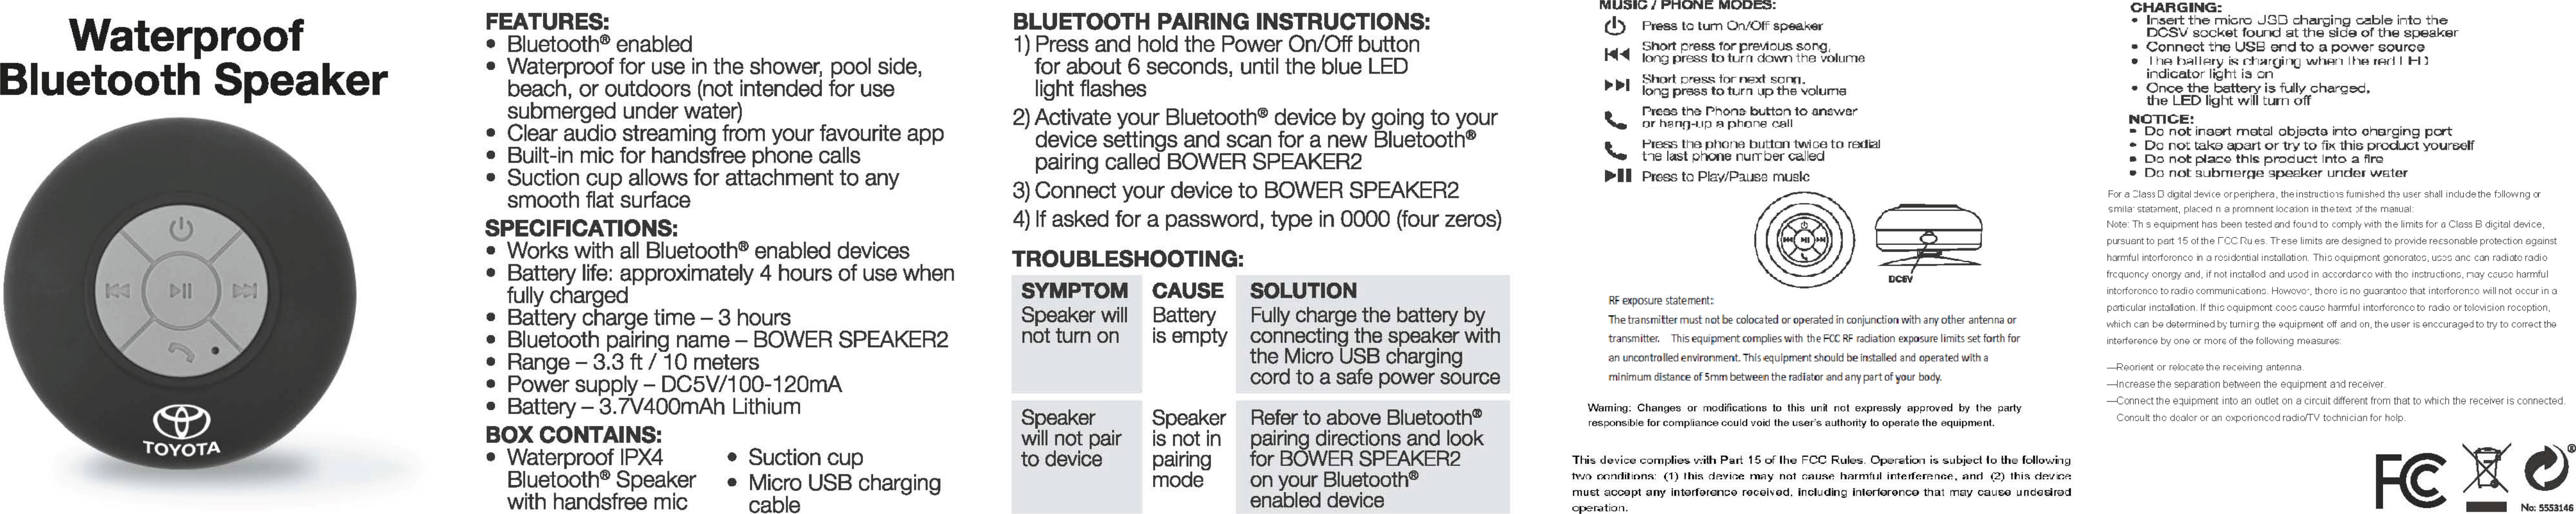 KINGSTAR C-0610 Waterproof Bluetooth Speaker User Manual 15